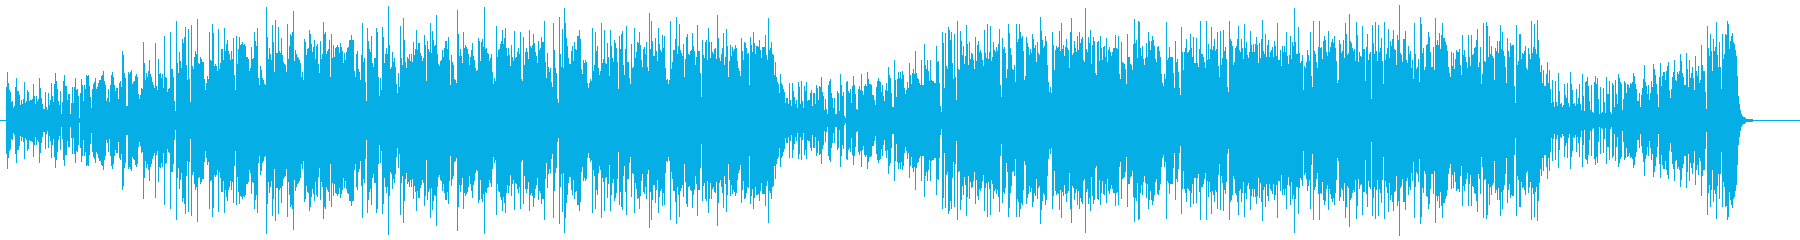 EDM仕立てのラテンサウンドの再生済みの波形